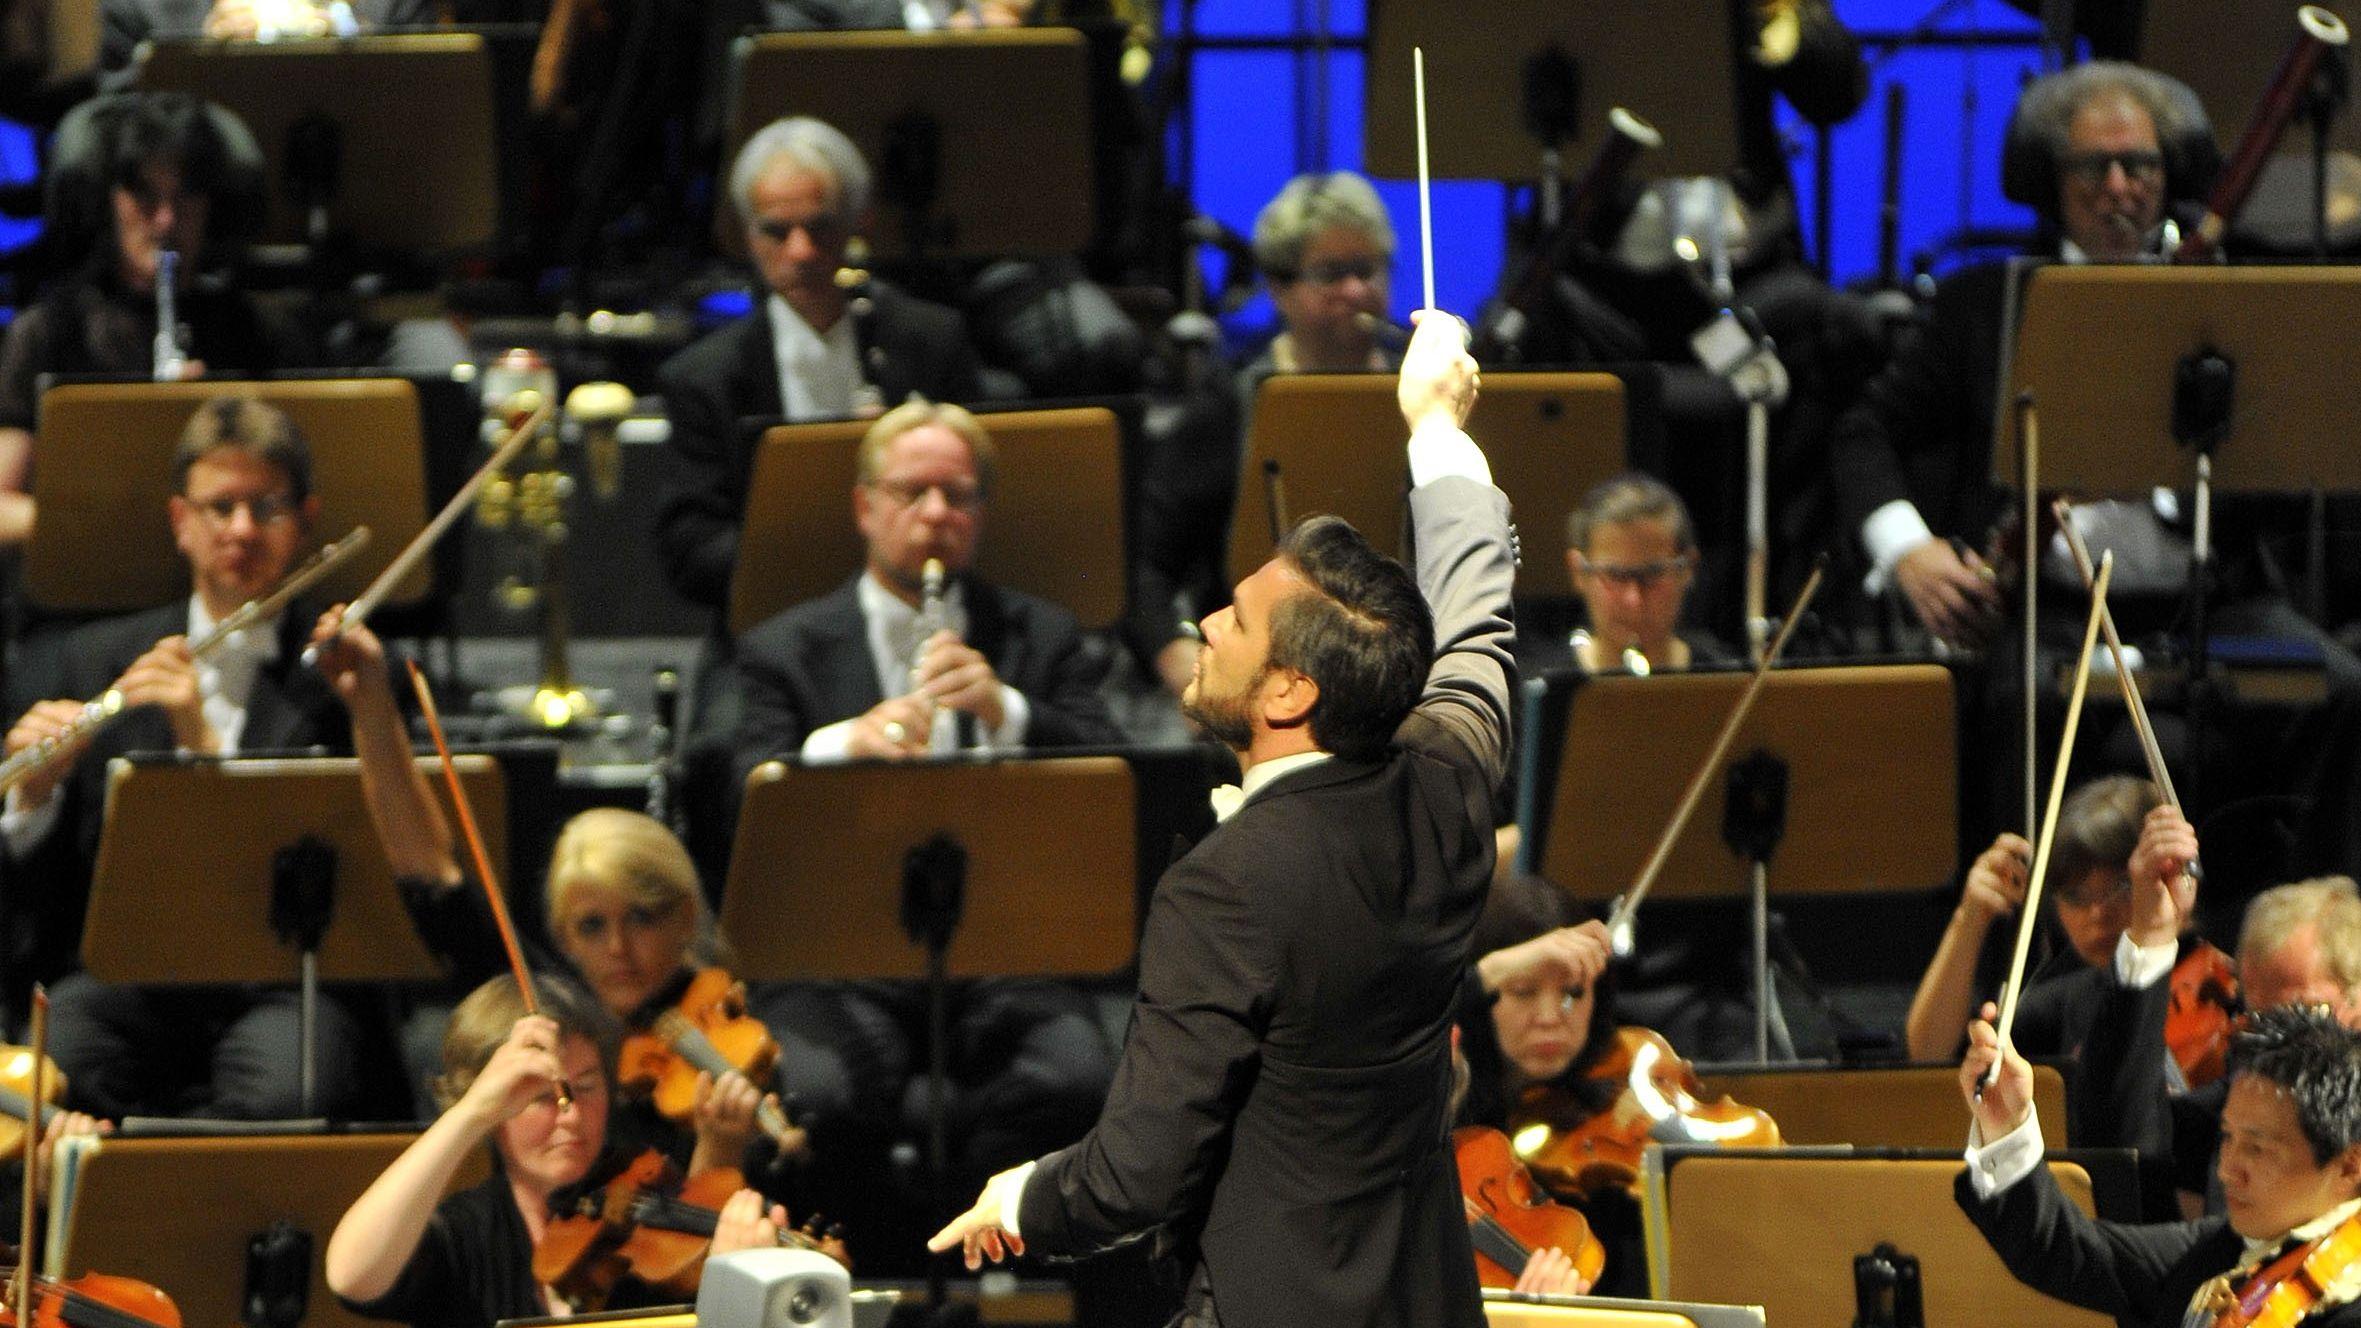 Ein Dirigent bei einem Konzert im Mainfranken-Theater.